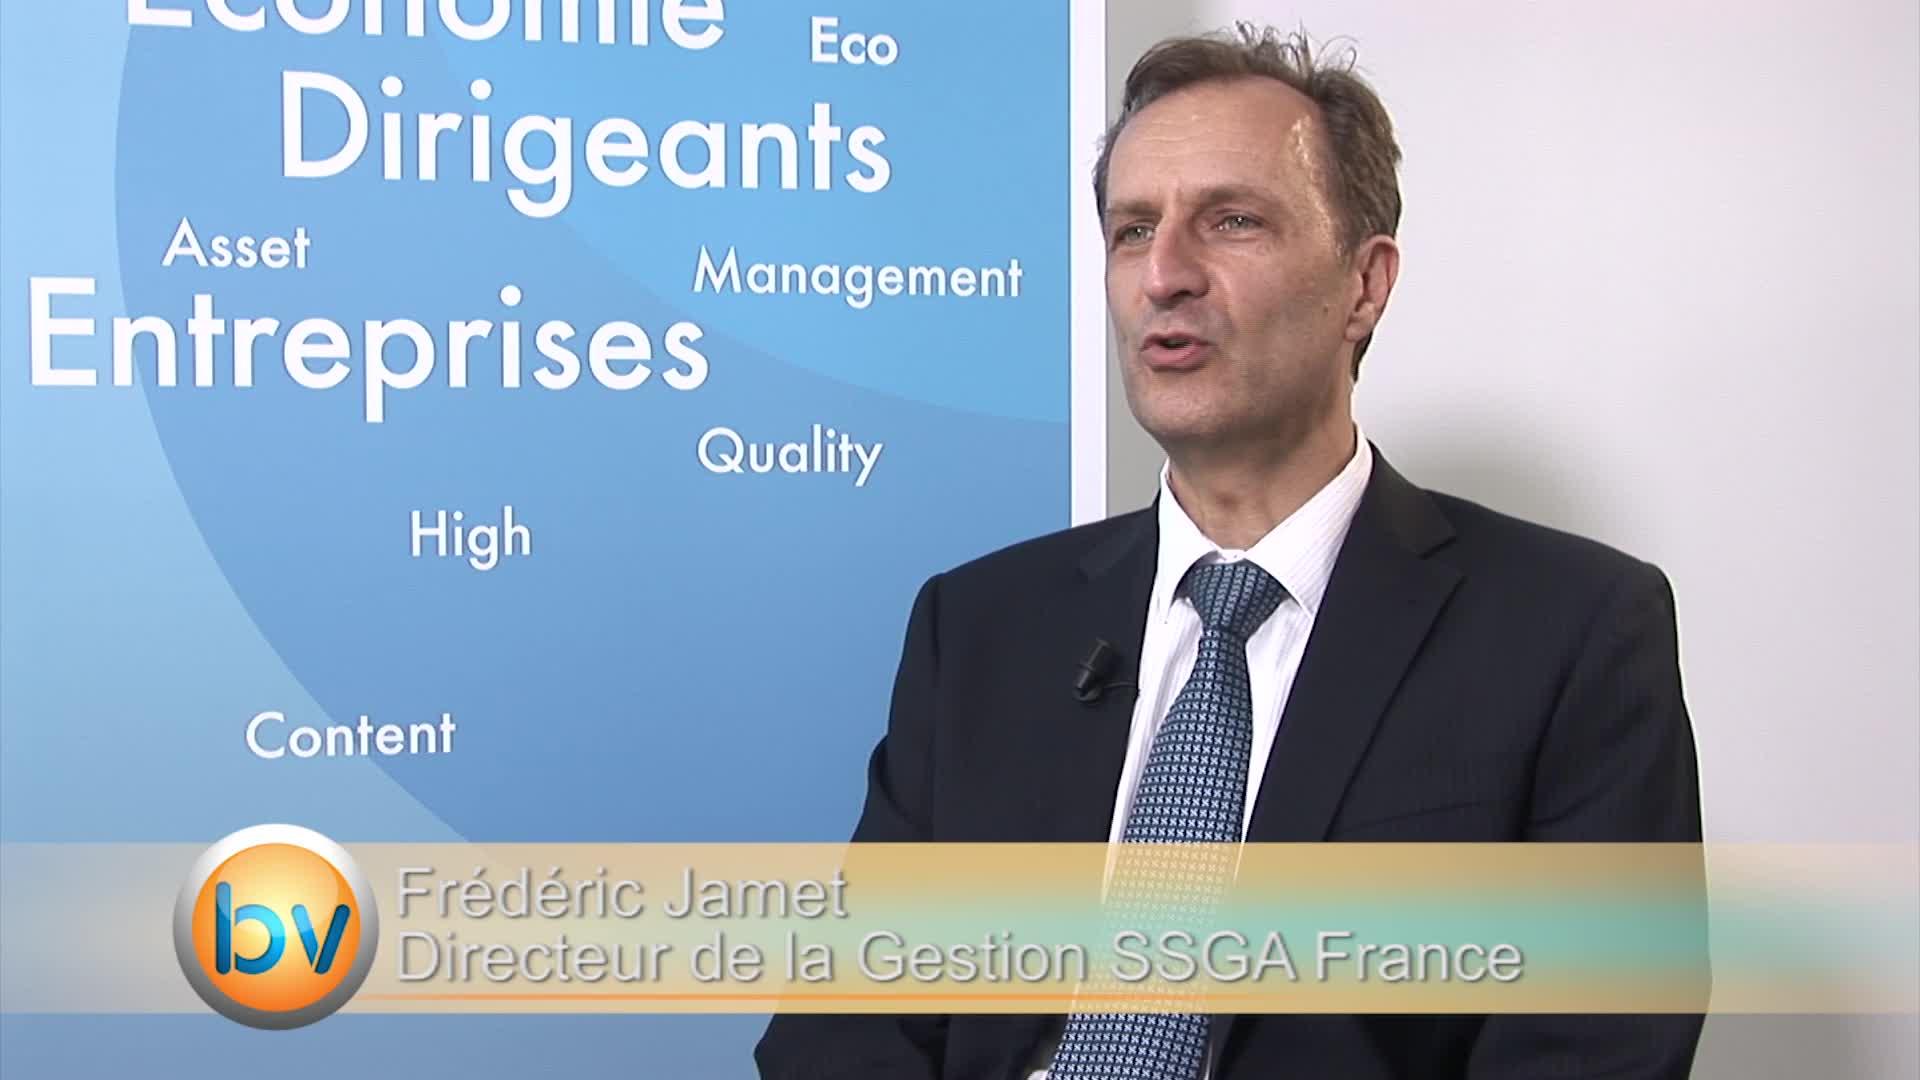 """Frédéric Jamet Directeur de la Gestion SSGA France : """"Il n'y a plus vraiment d'alternative"""""""